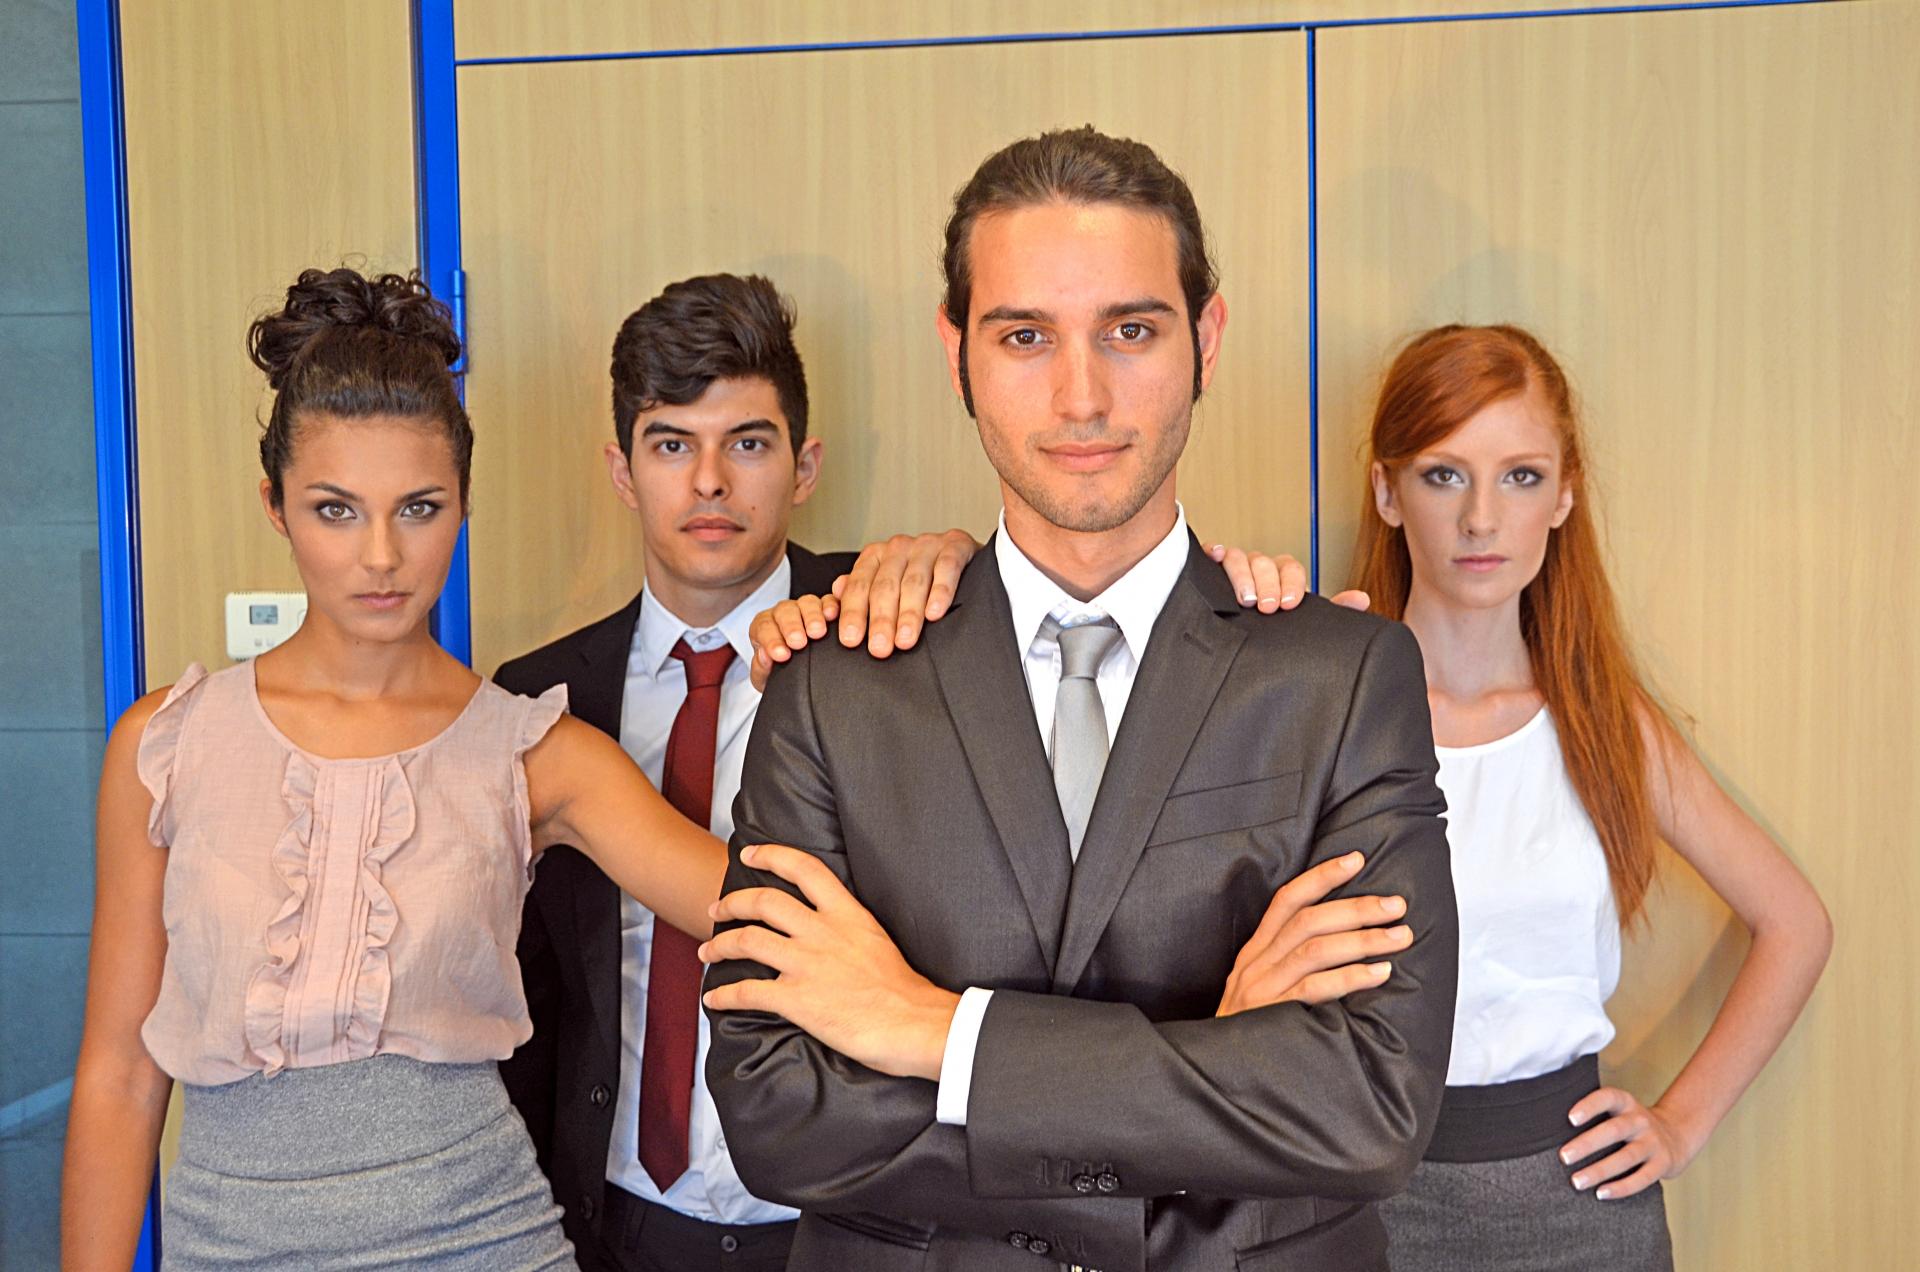 business-persons-quartet-1